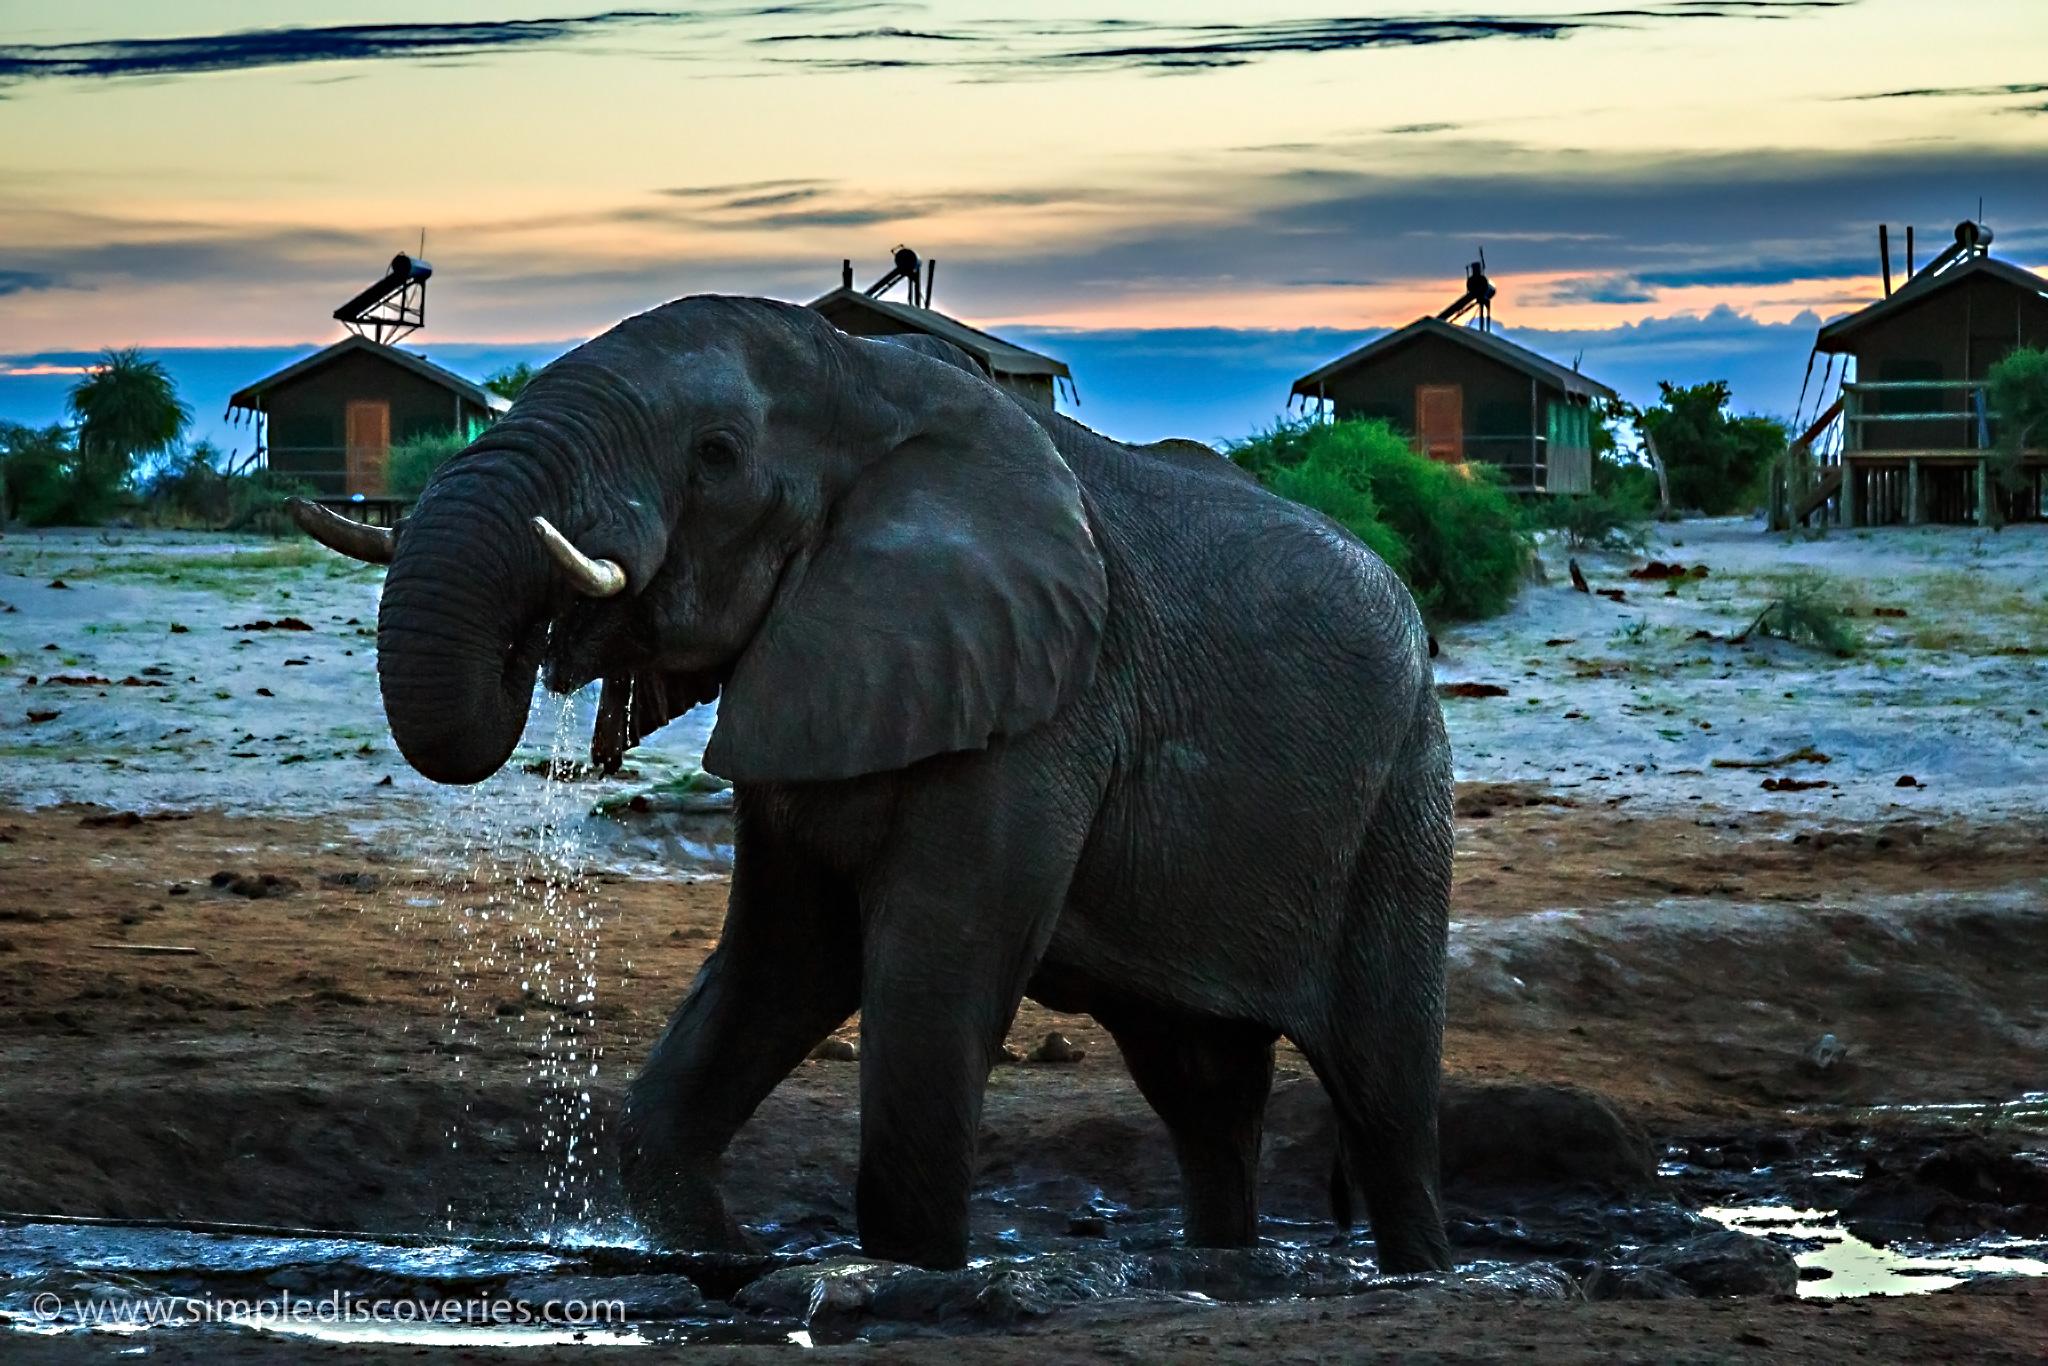 thirst_elephant_botswana